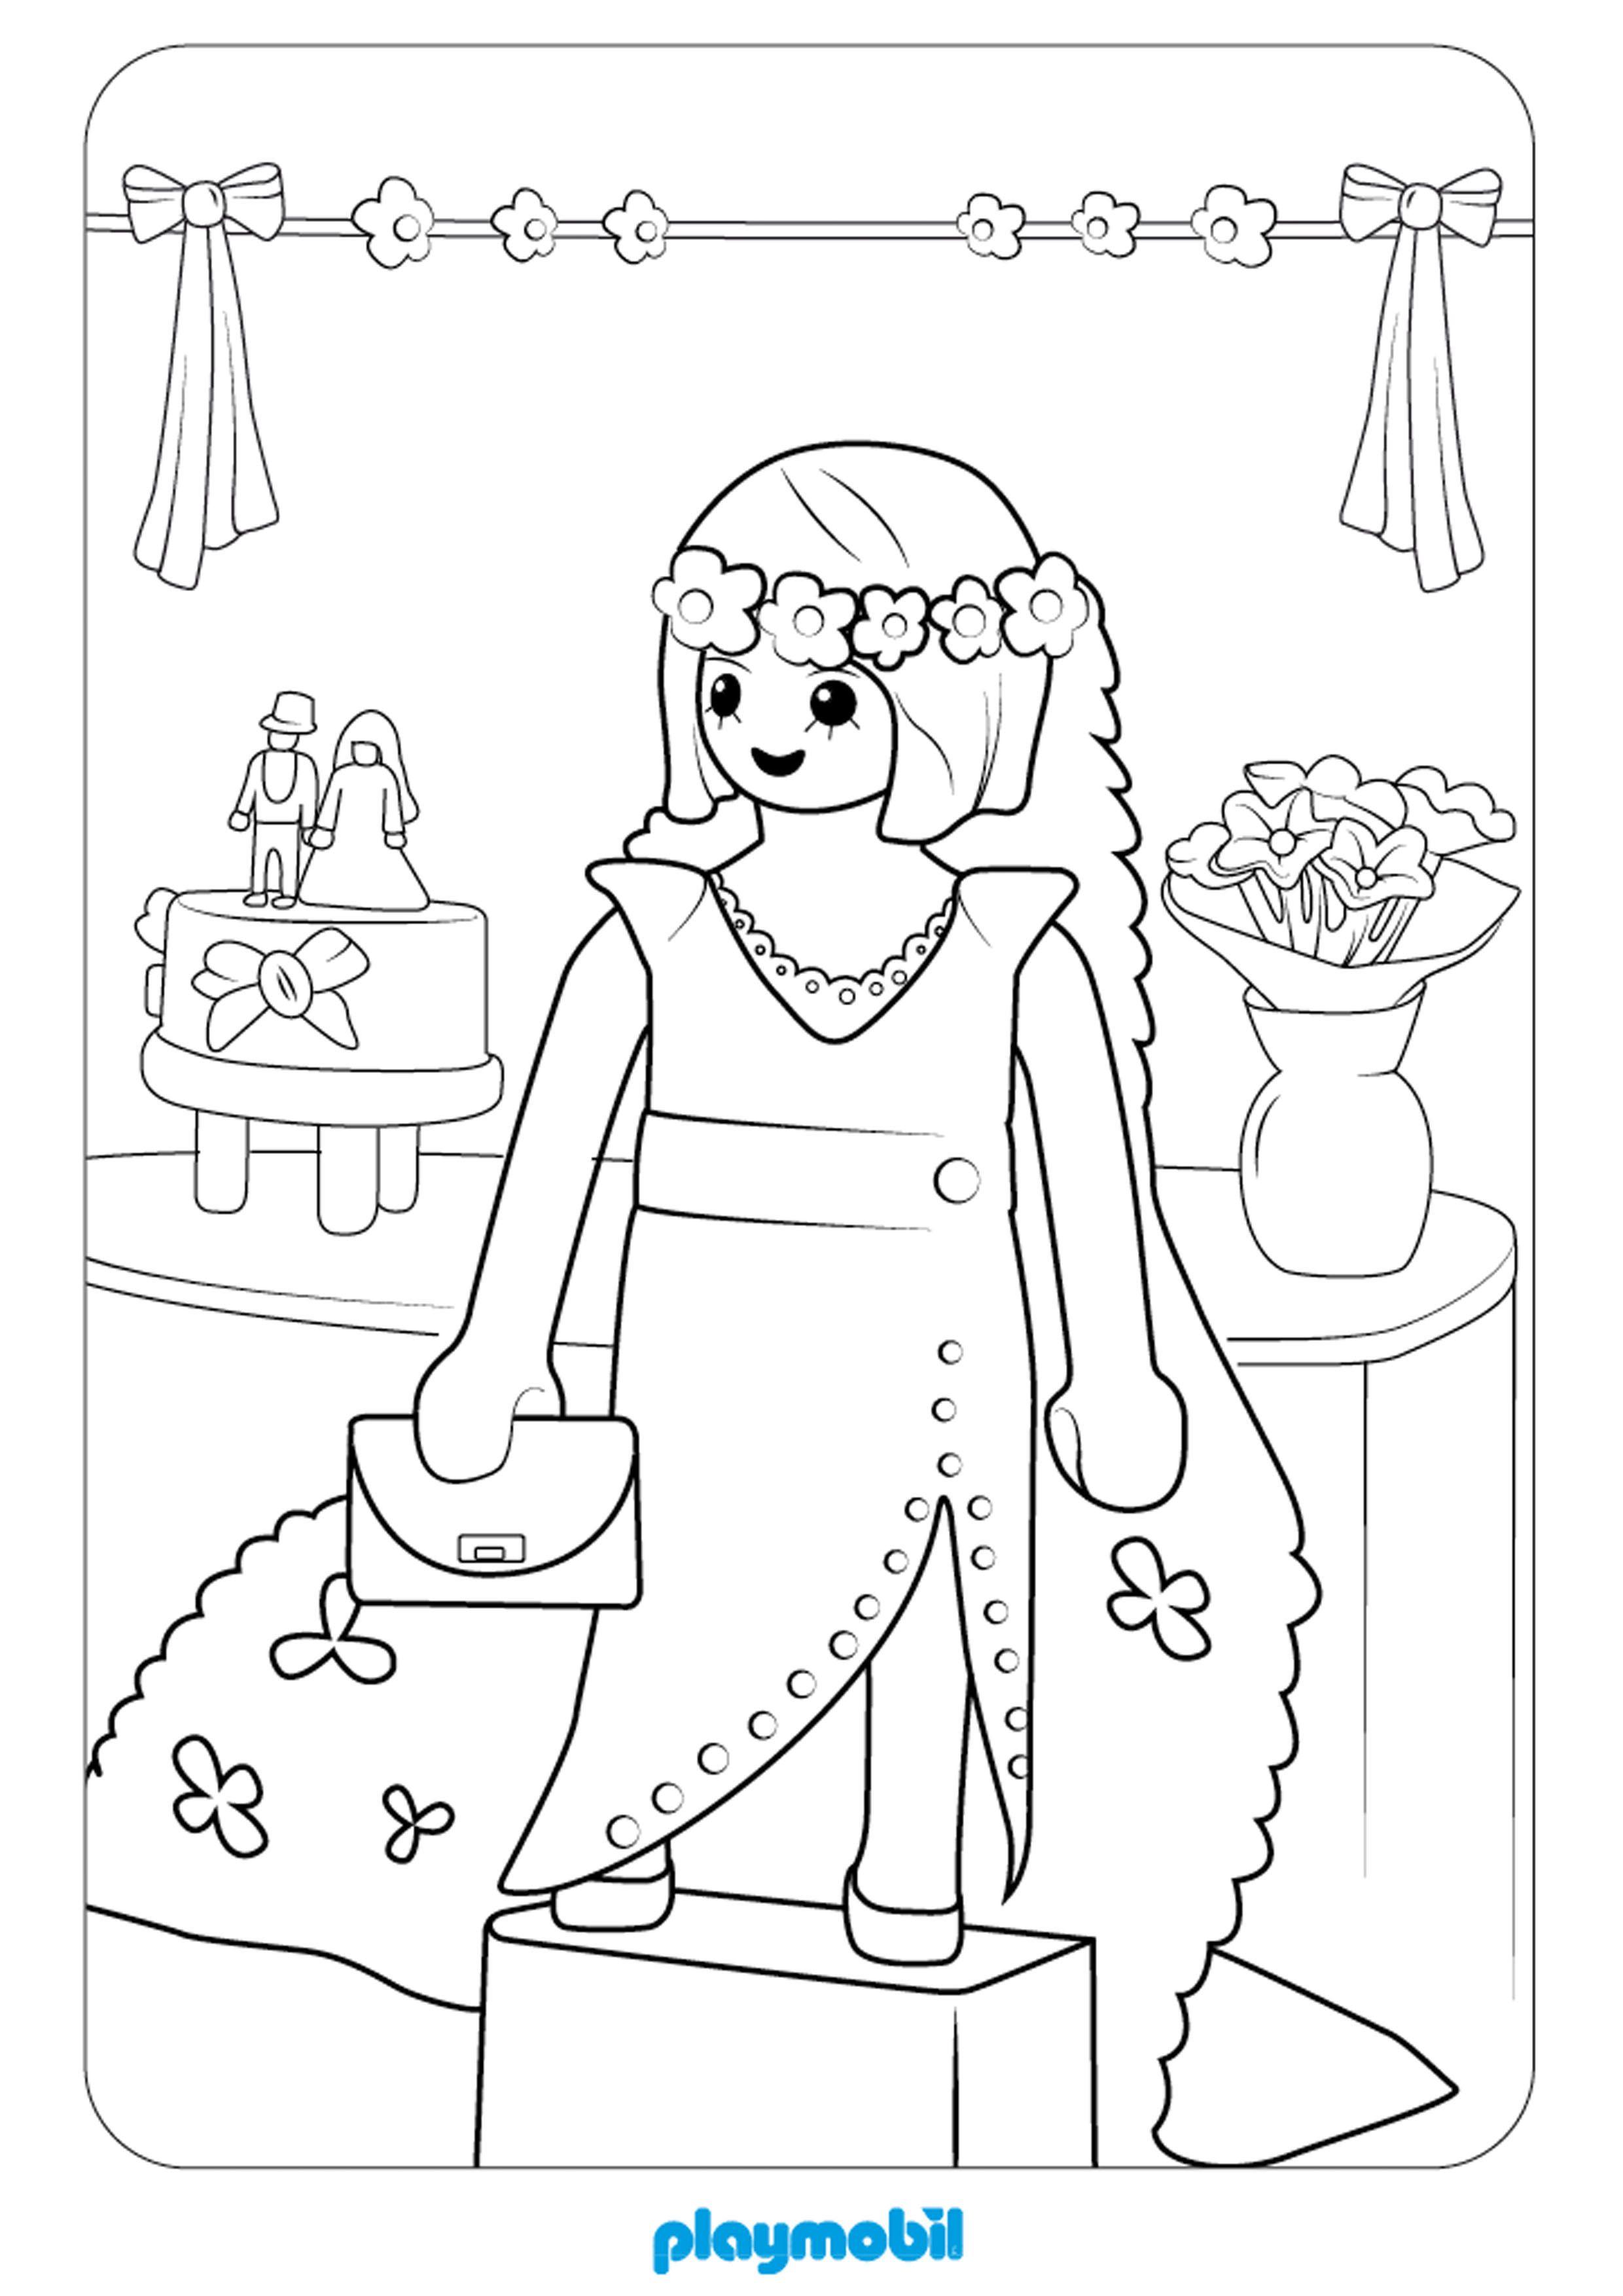 Coloriage Playmobil À Colorier - Dessin À Imprimer pour Coloriage Simba A Imprimer Gratuit